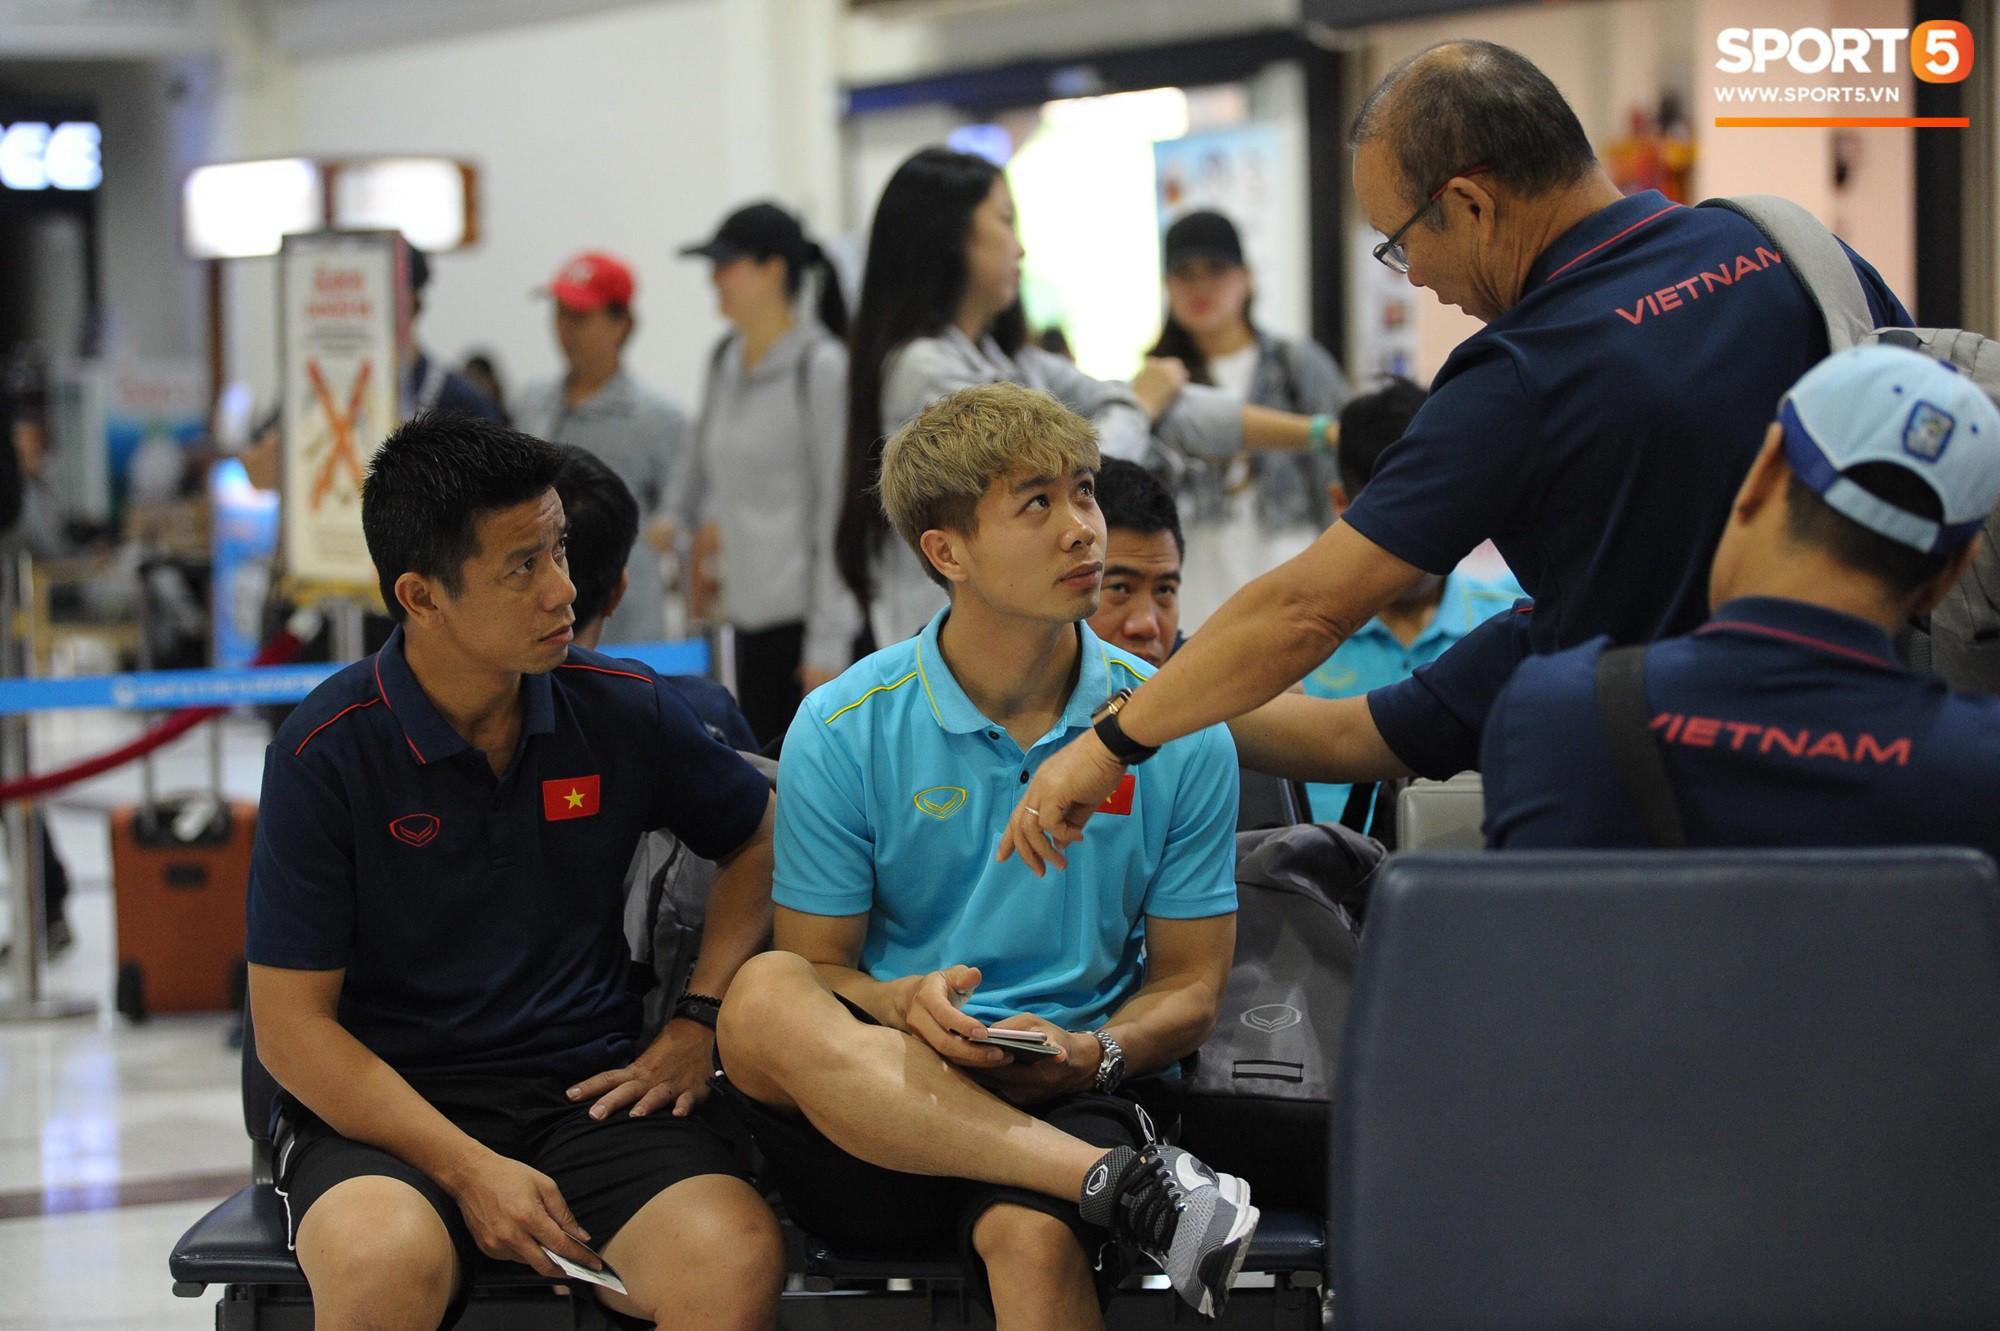 """Hậu King's Cup, HLV Park Hang Seo phải vào viện kiểm tra sức khoẻ nhưng vẫn ghi điểm"""" chỉ nhờ hành động nhỏ này!-2"""